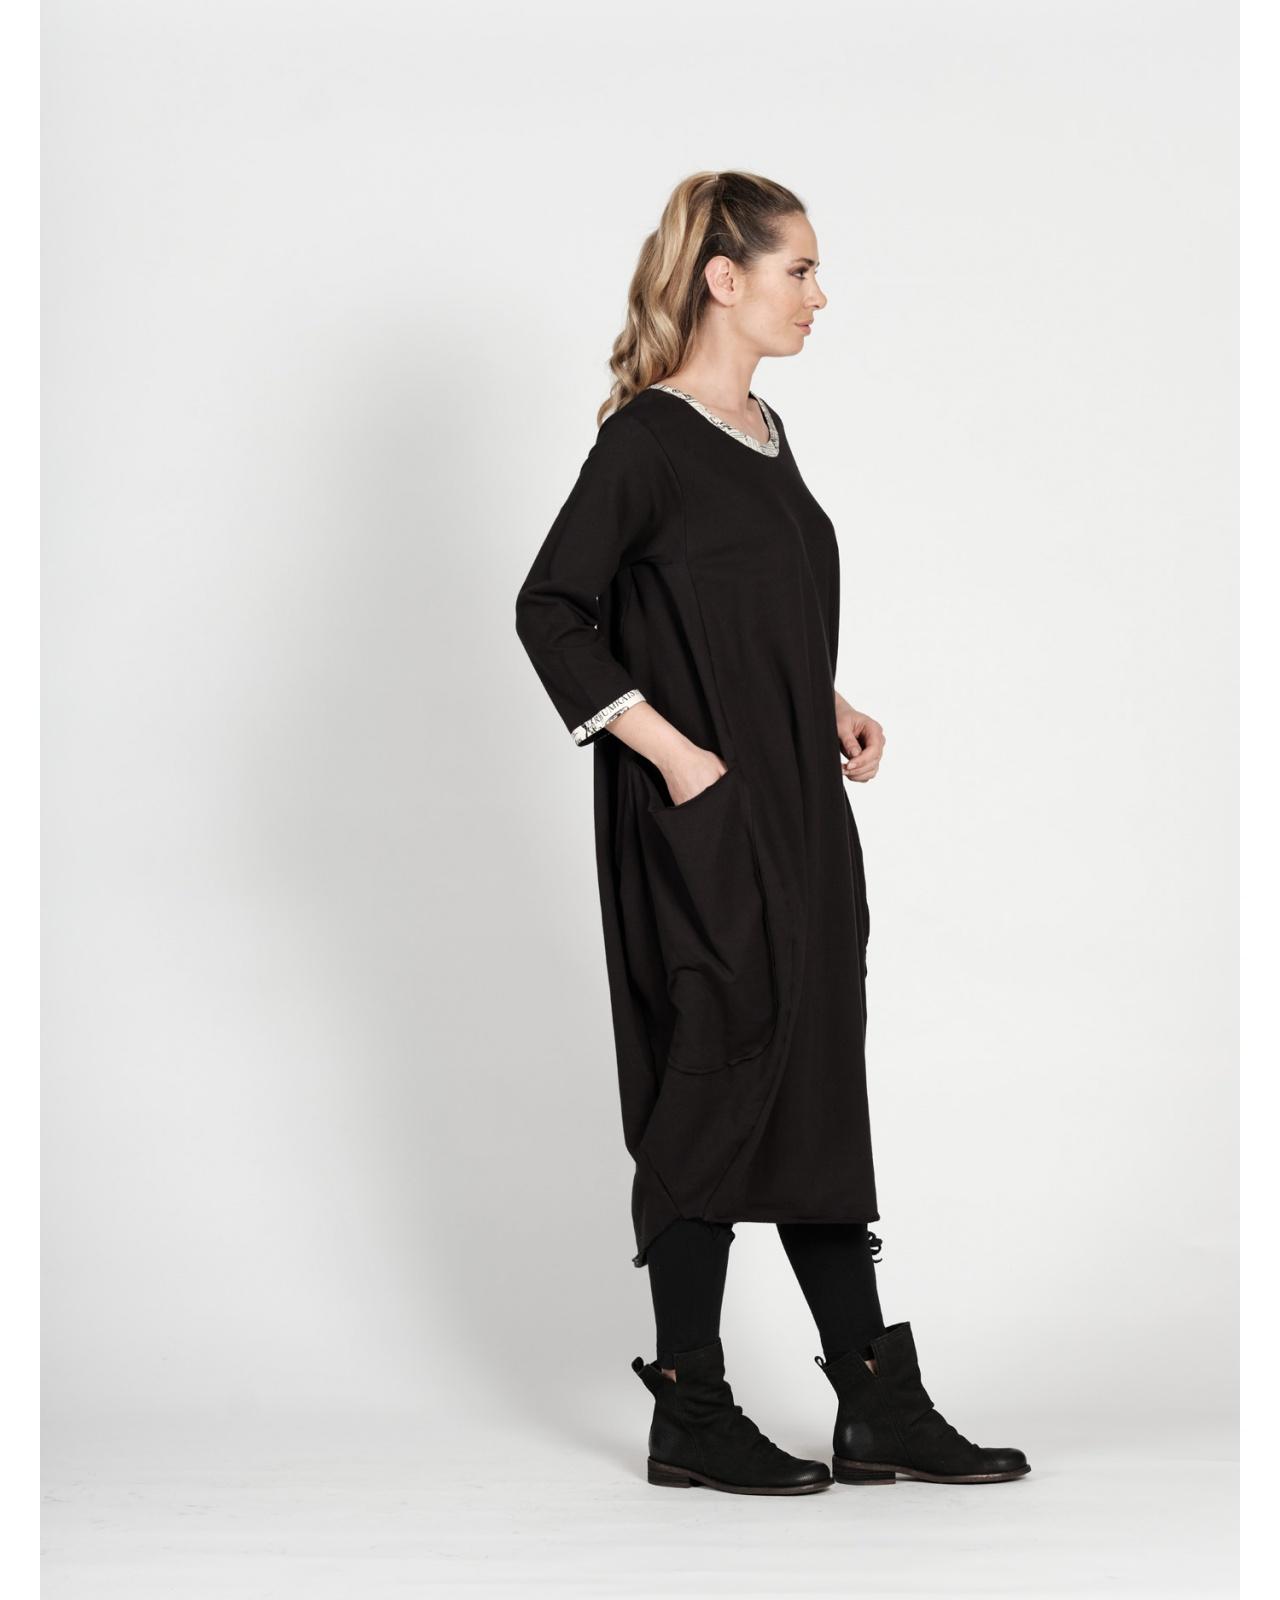 DRESS JULIETTE N°84